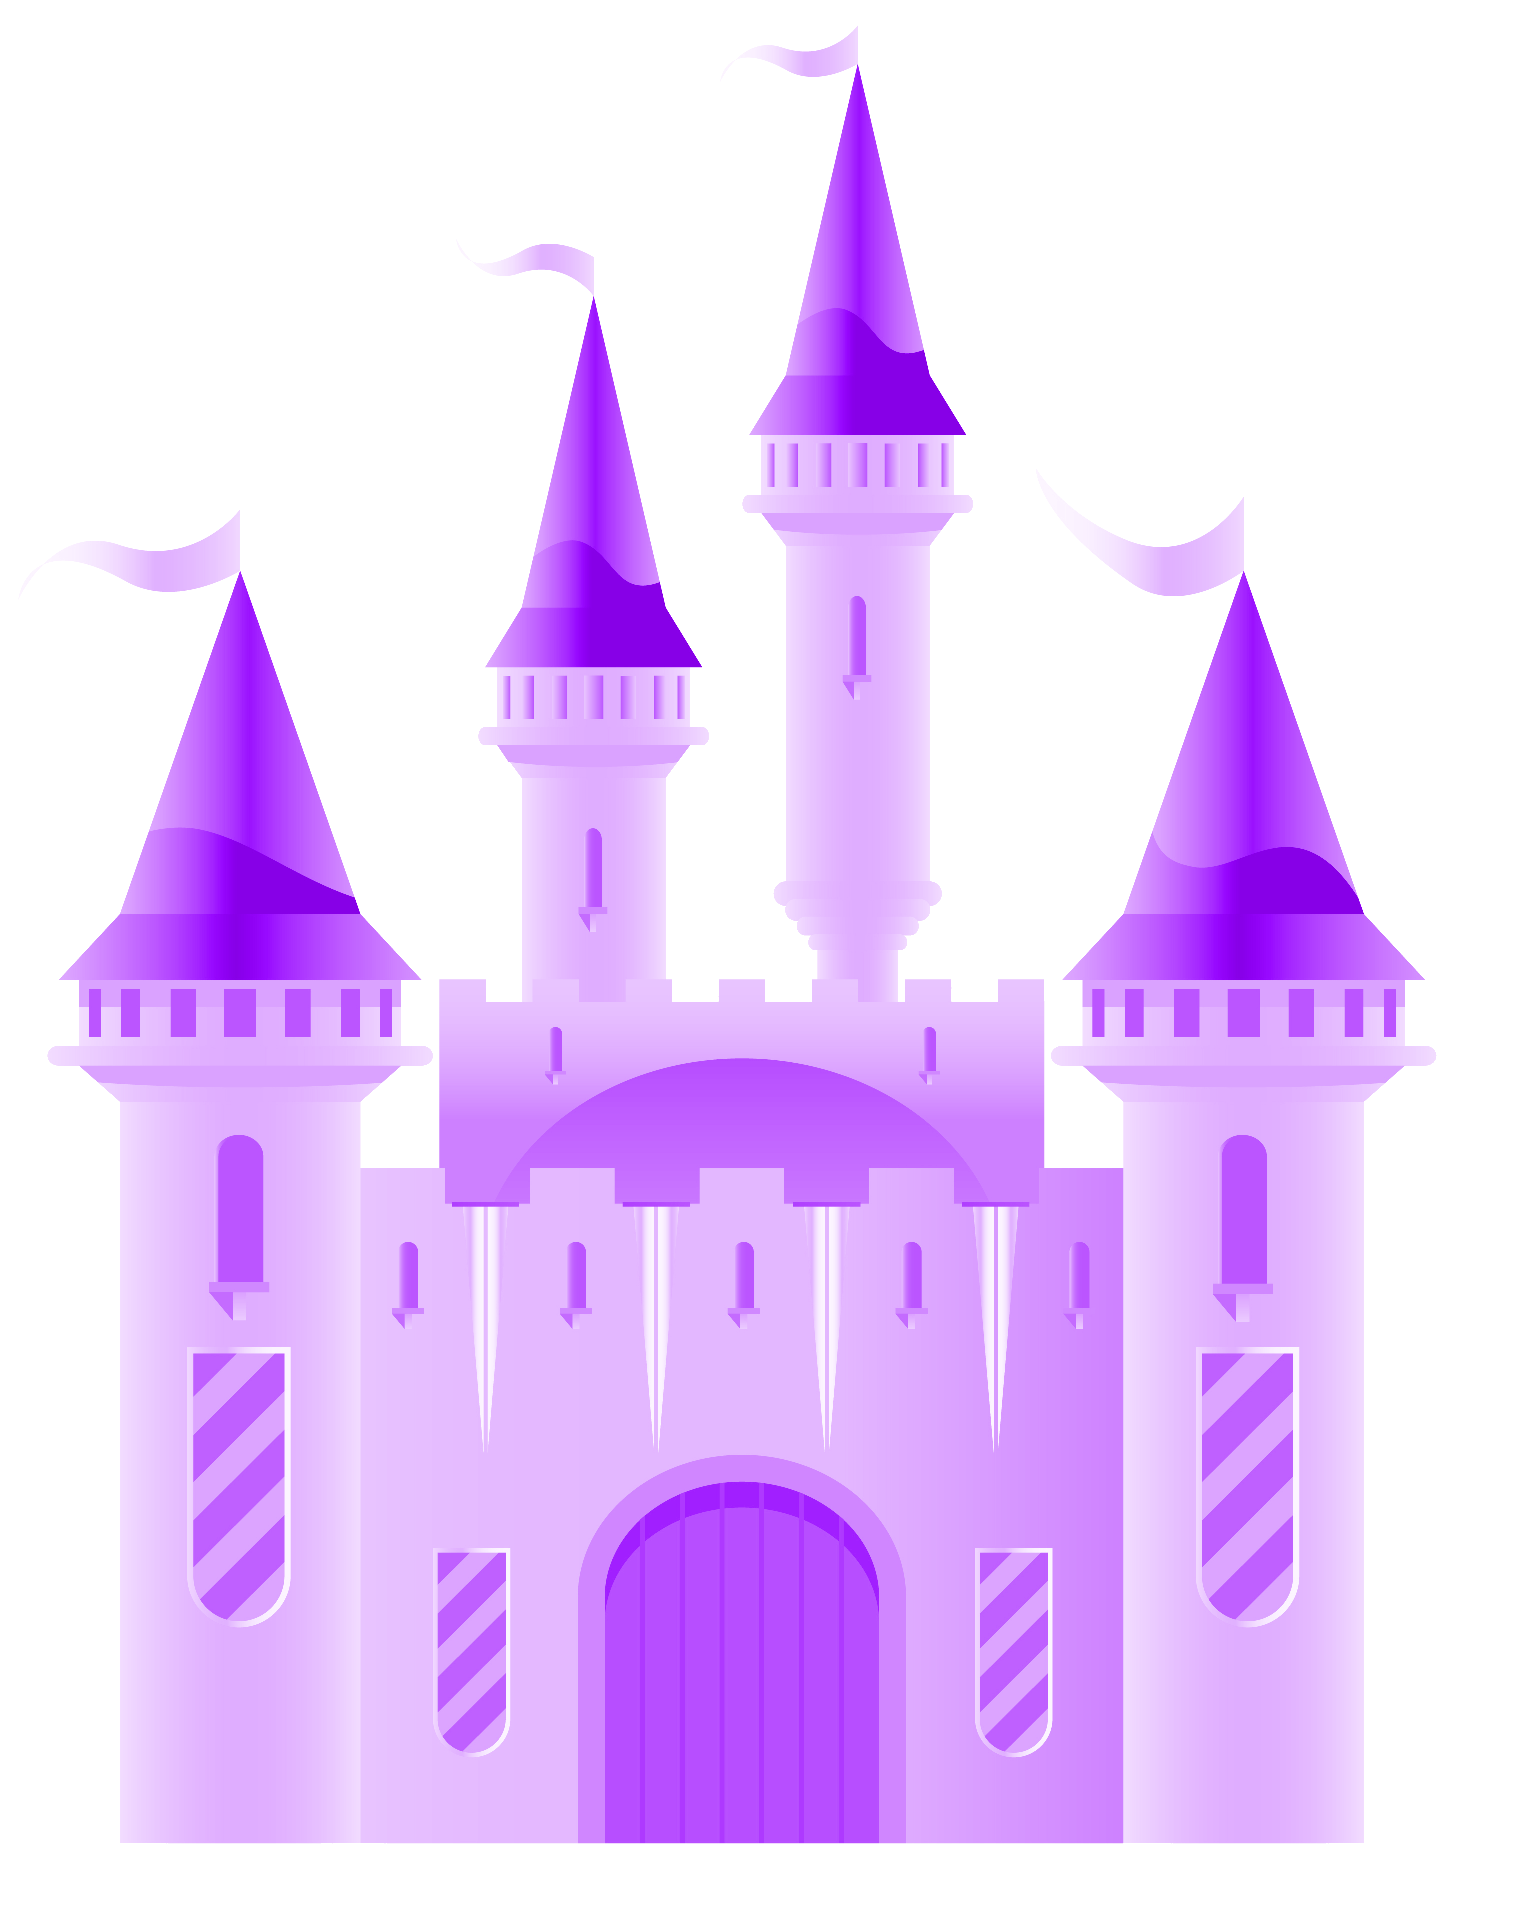 Castle Clipart Downloads Disney Princess-Castle Clipart Downloads Disney Princess Clip Artcastle Pictures-2